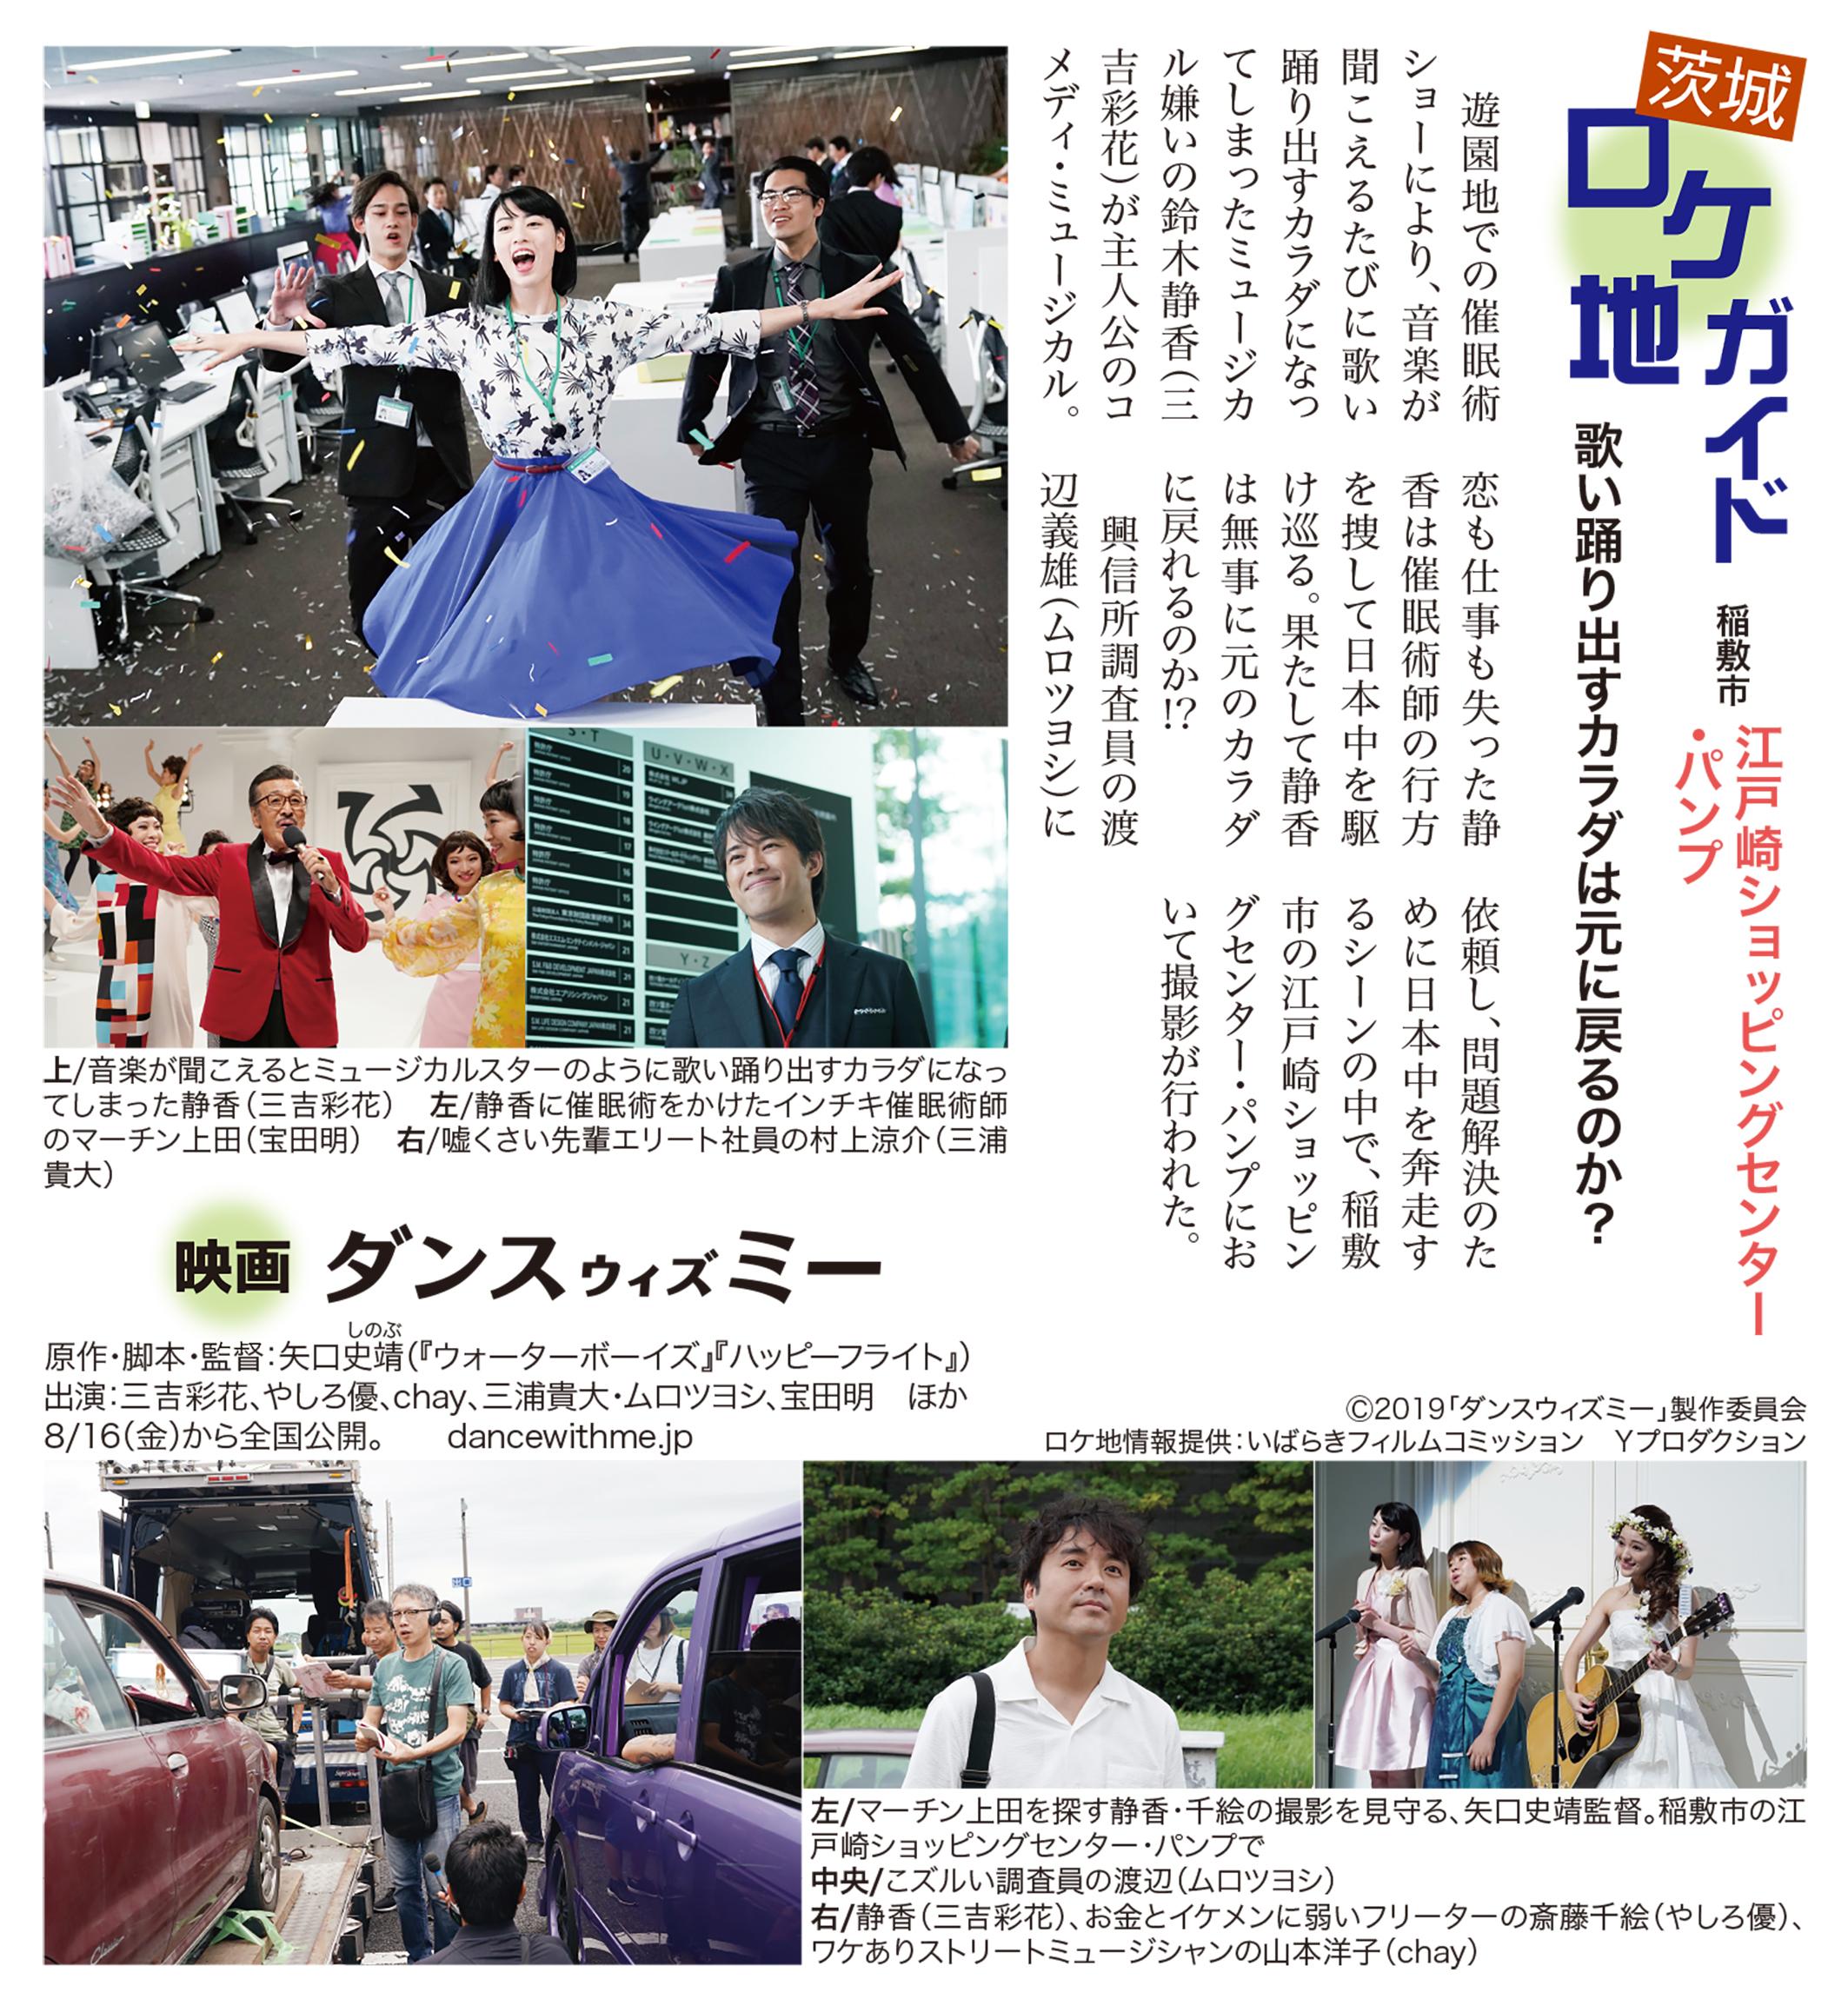 映画『ダンス ウィズ ミー』のロケ地は江戸崎ショッピングセンター・パンプ(稲敷市)